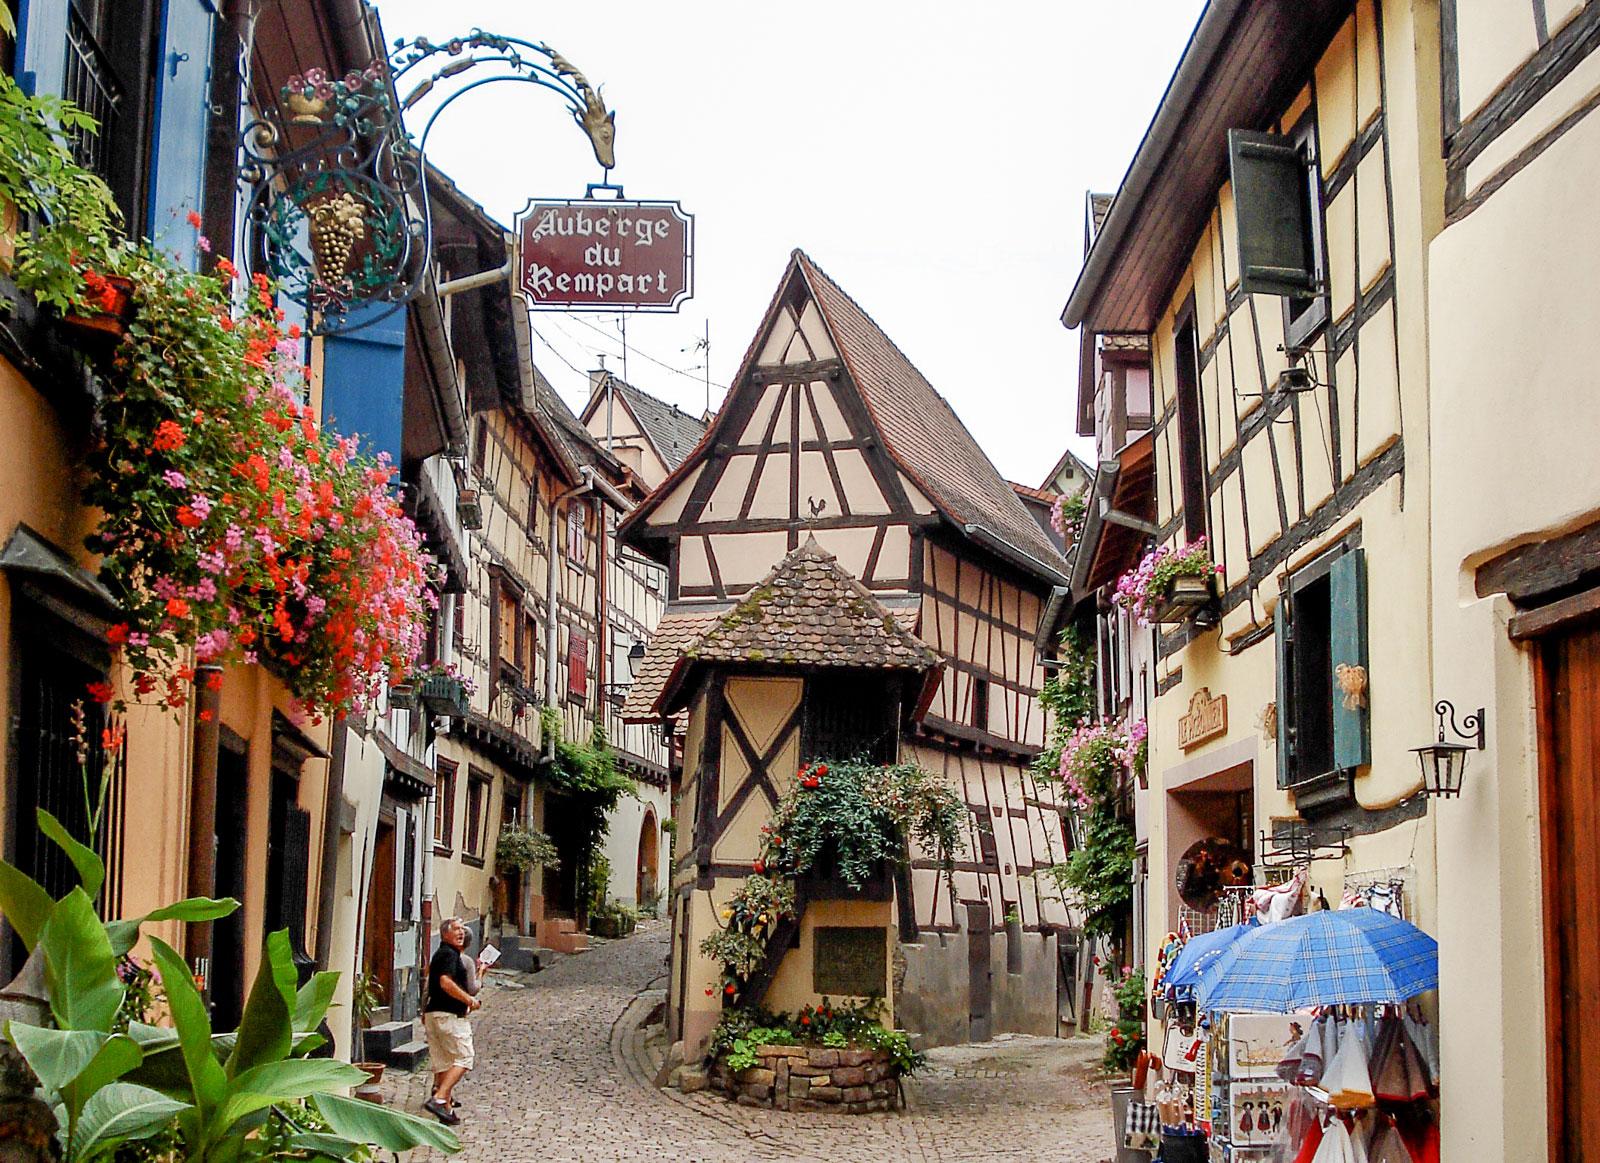 Eguisheim, en av alla pittoreska byar i Alsace med korsvirkeshus i udda färger och former.